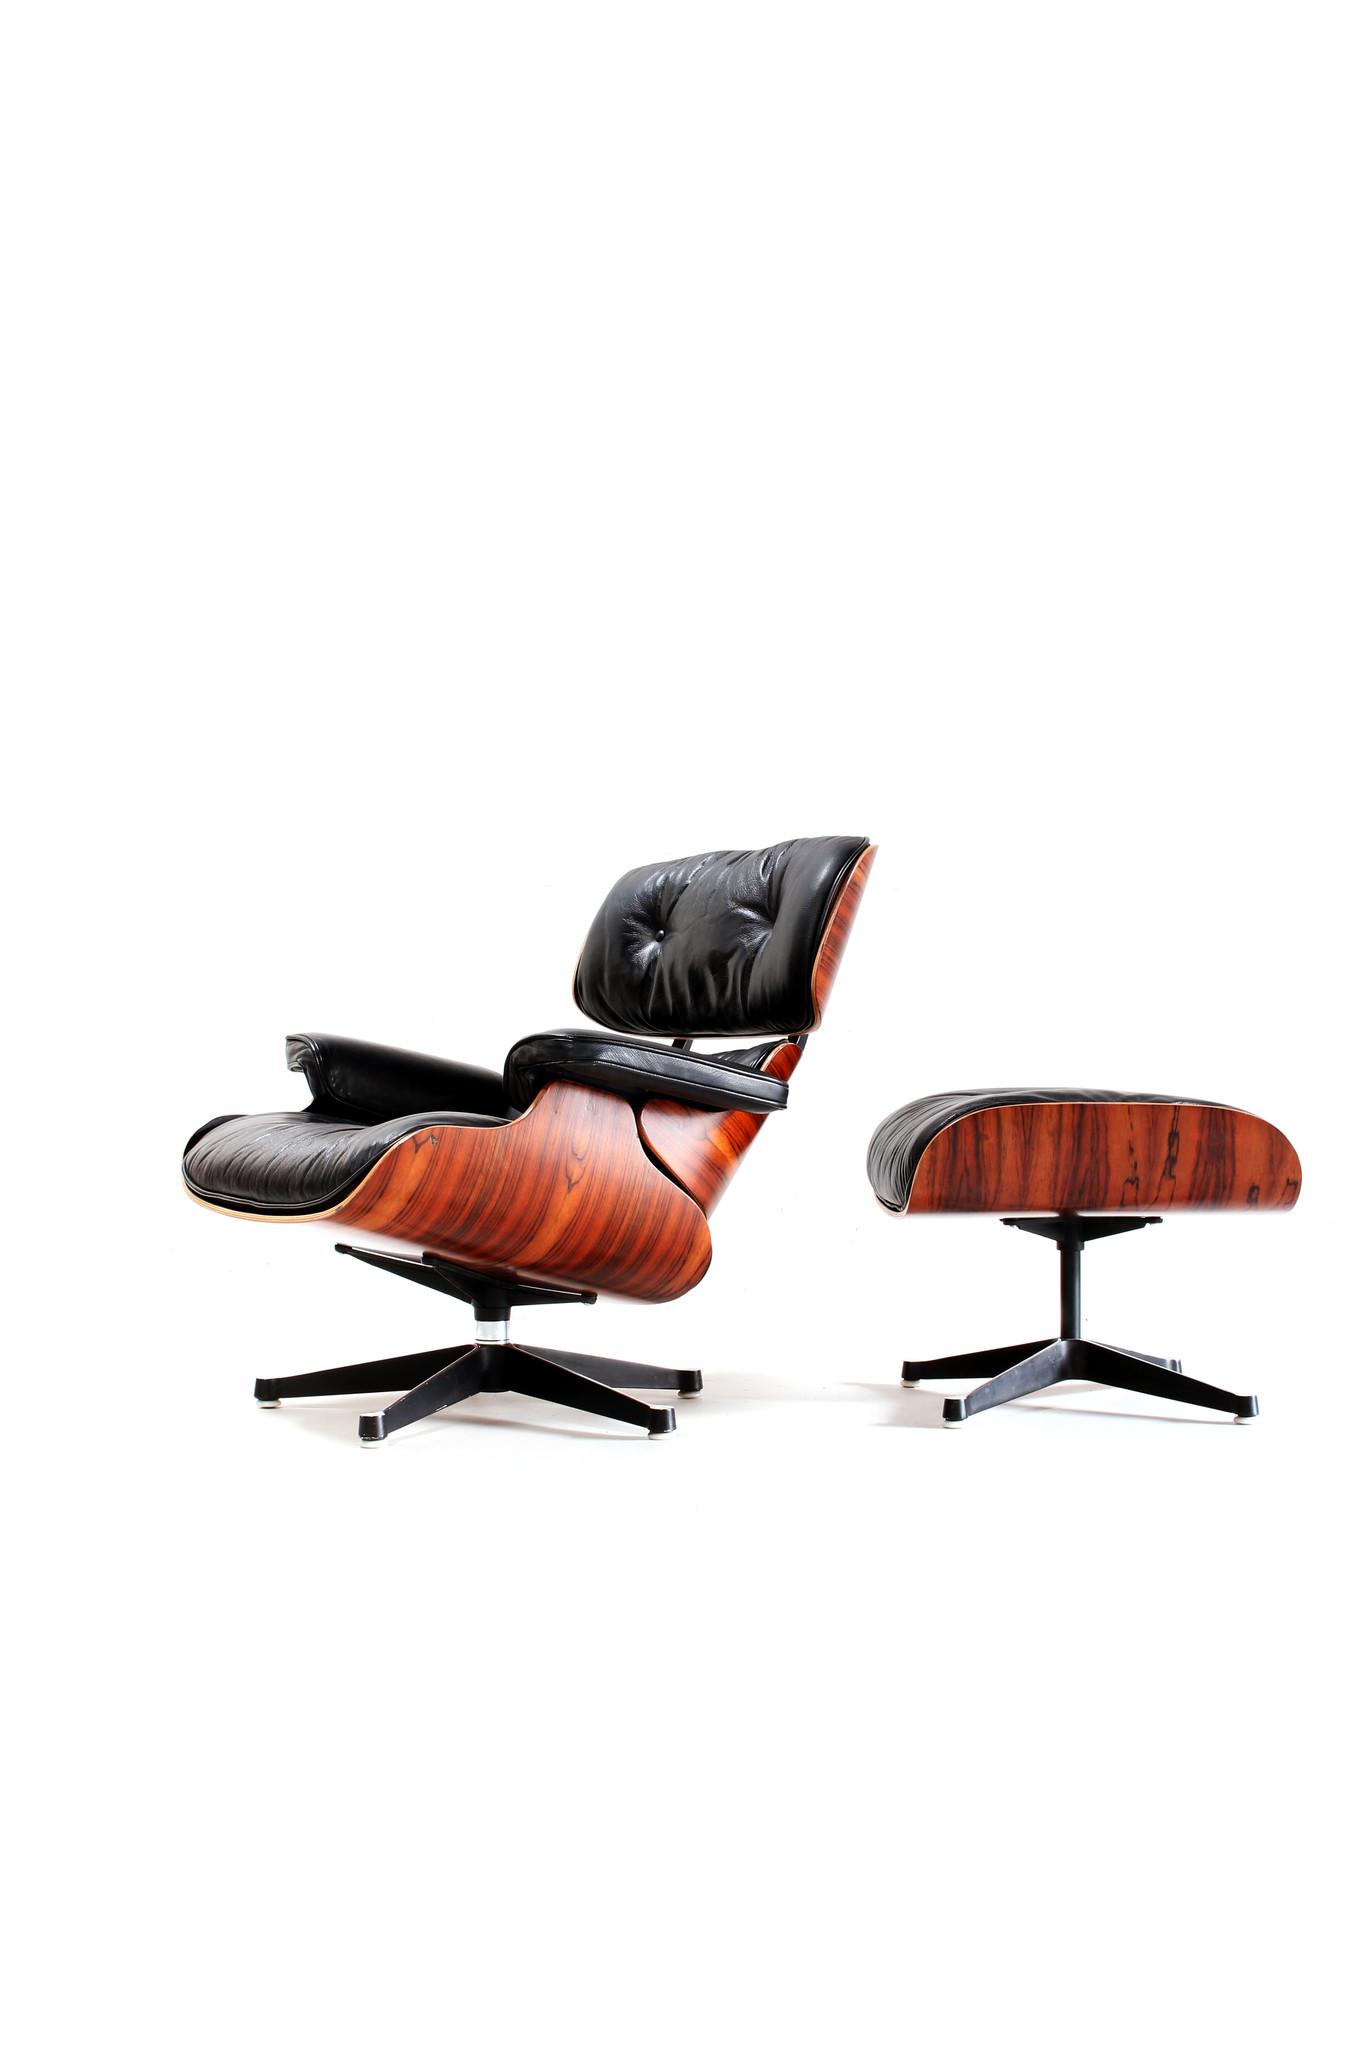 Eames Lounge chair met poef van Charles & Ray Eames